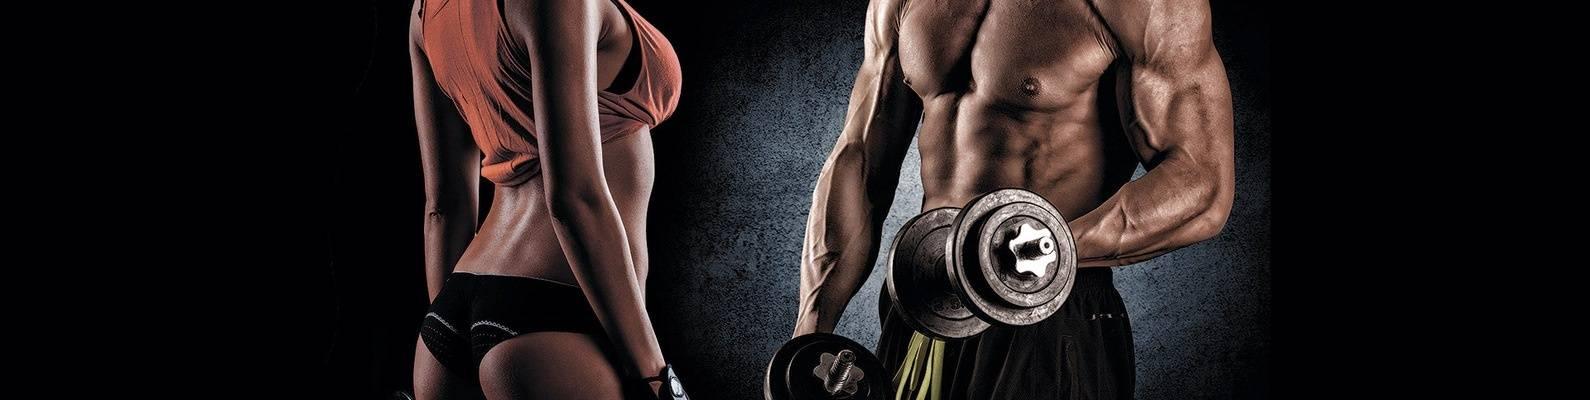 Соревновательные дисциплины мужского бодибилдинга